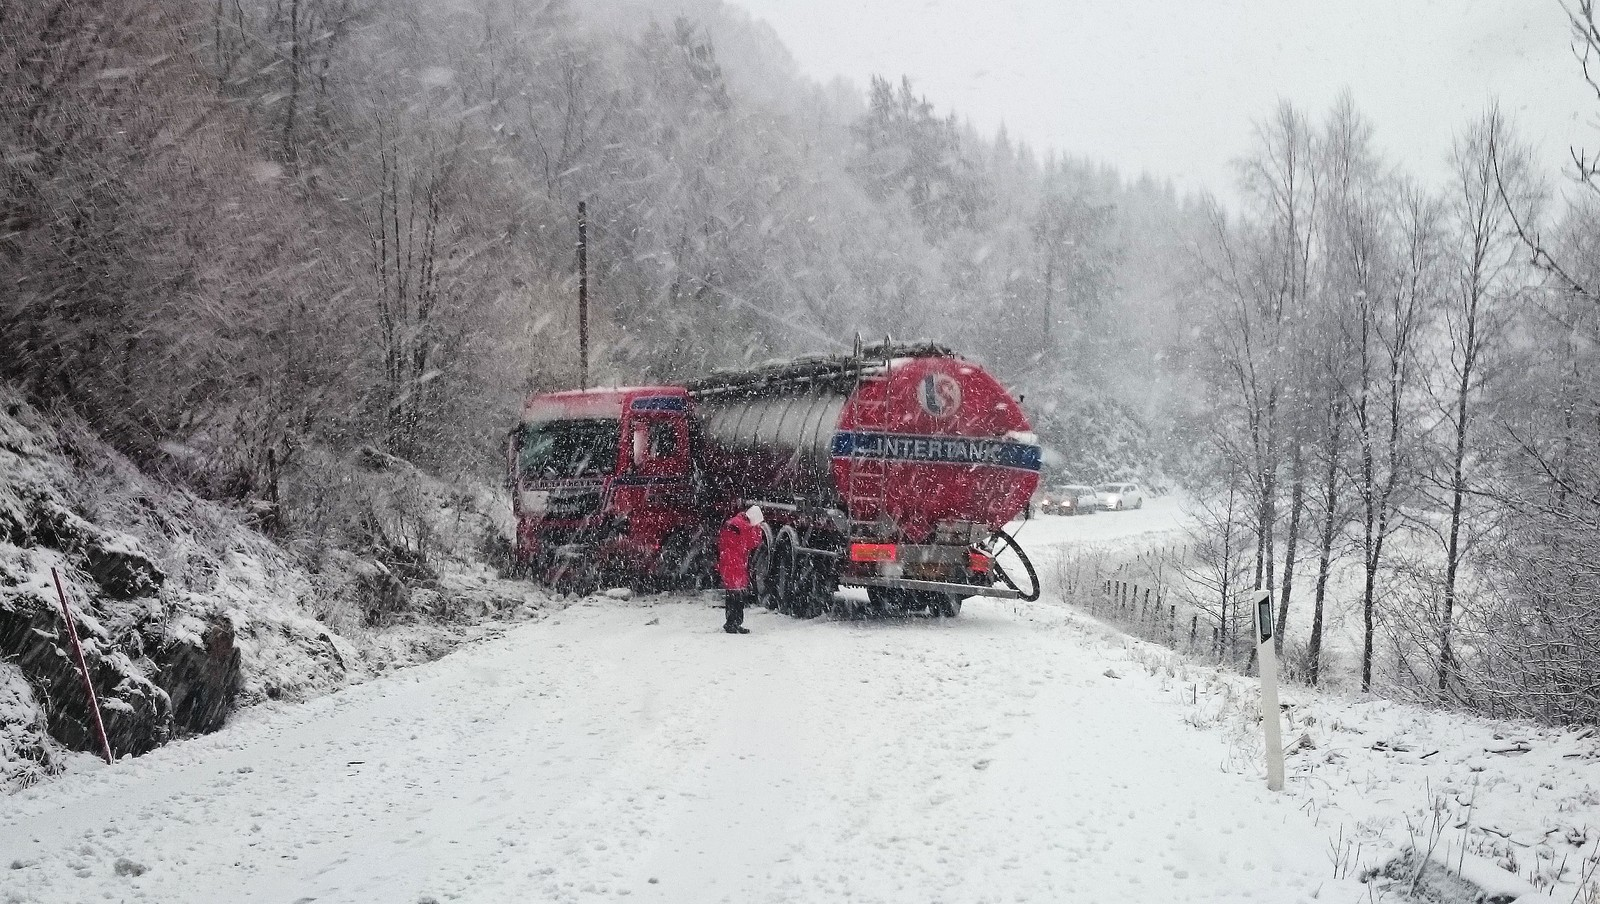 AV VEIEN PÅ TYSNES: Denne tankbilen sperrer veien på riksveg 49 i Eredalen på Tysnes, og har gjort det siden 15-tiden. Et par timere senere var bilen fjernet og veien åpnet.